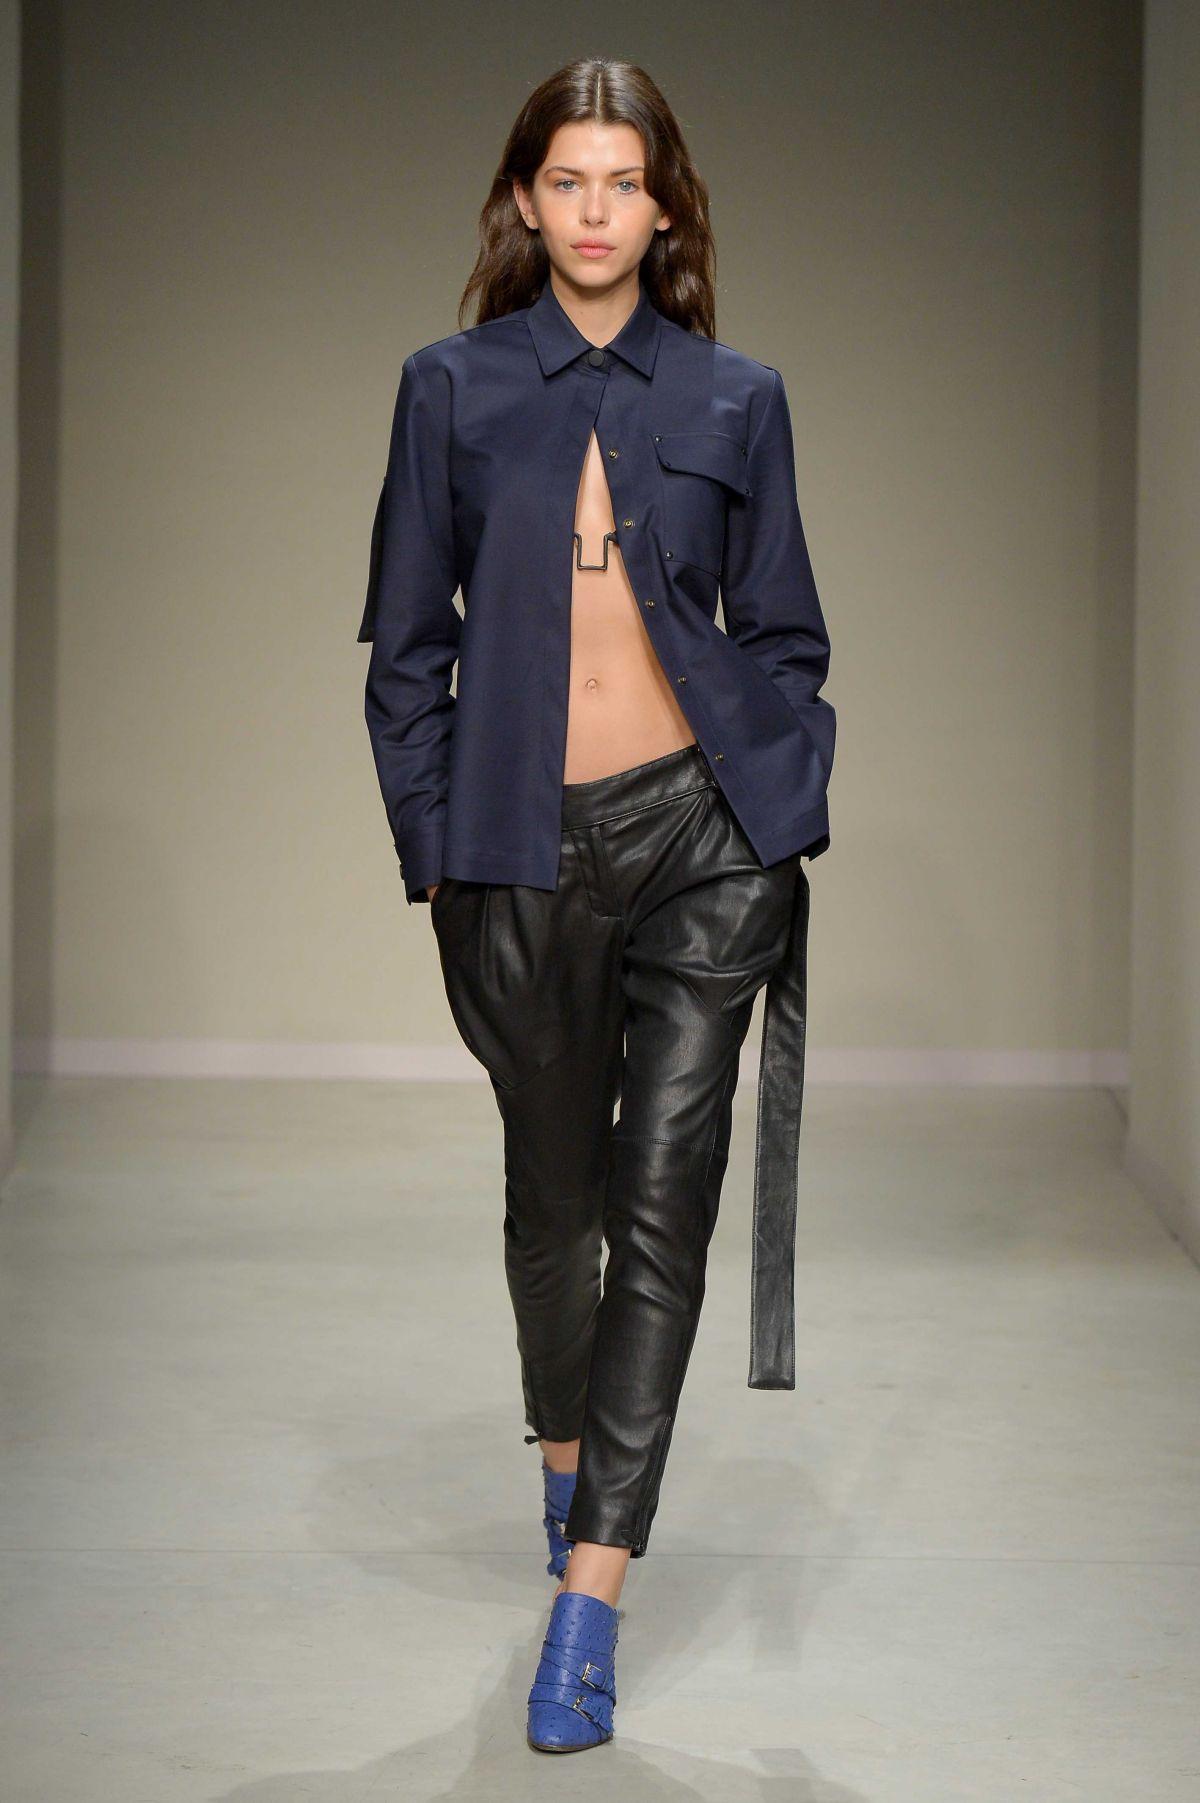 Georgia Fowler stuns crowds at Milan Fashion Week